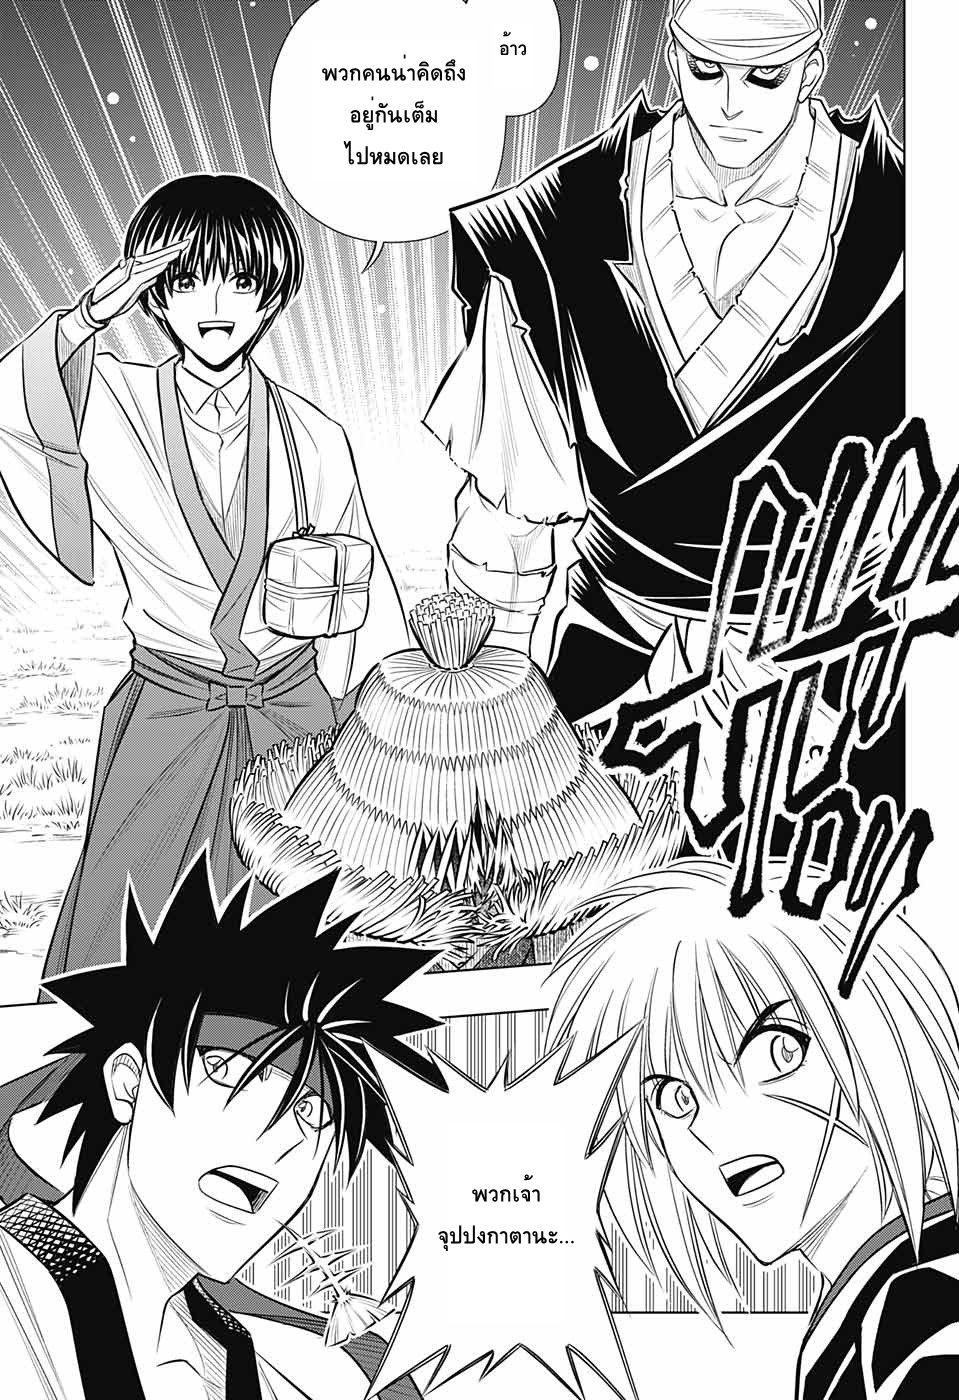 อ่านการ์ตูน Rurouni Kenshin: Hokkaido Arc ตอนที่ 14 หน้าที่ 15